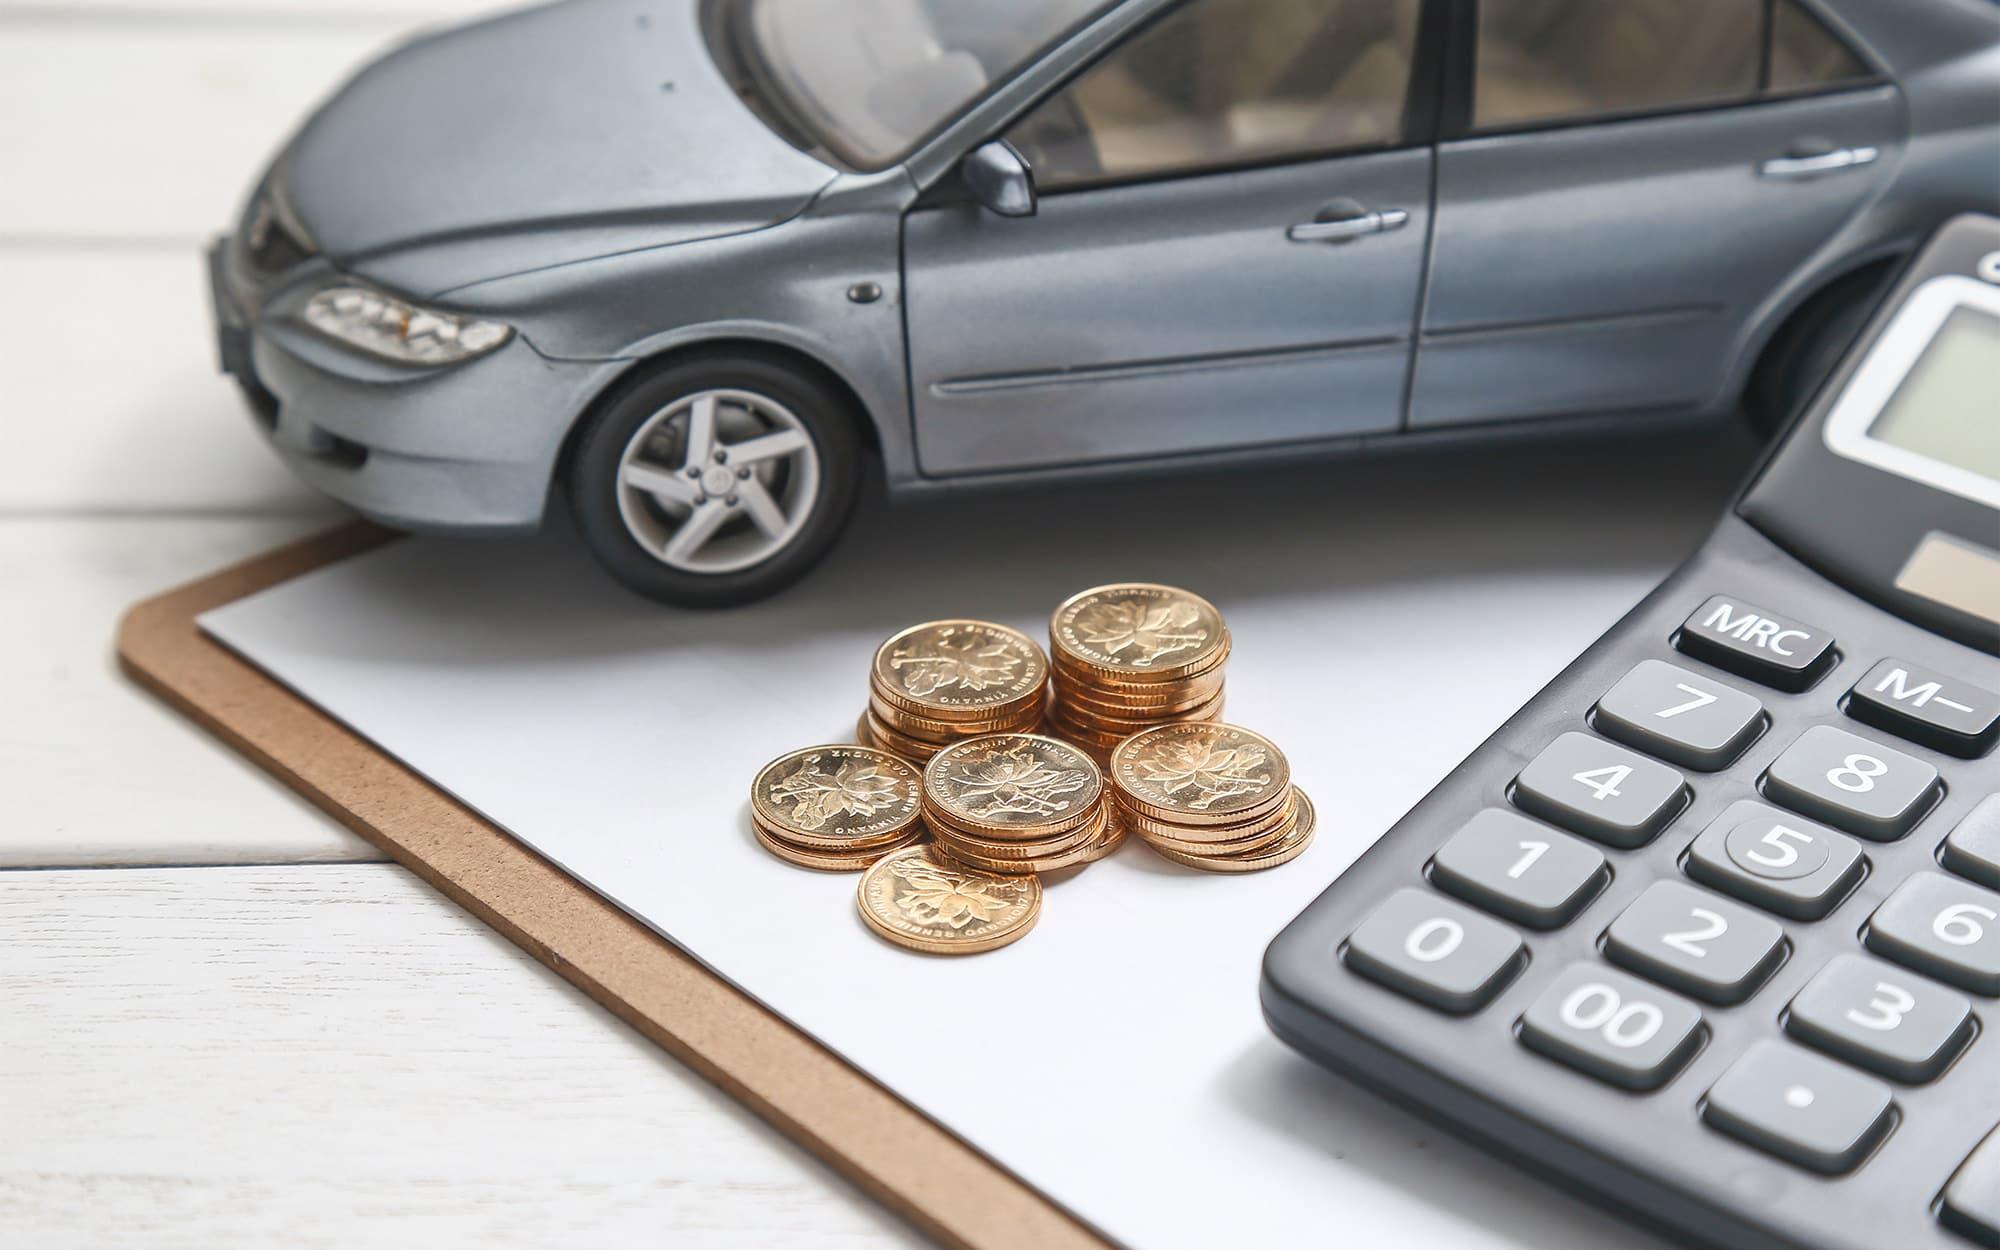 ασφαλειες αυτοκινητων online στην αθνα απο το μεγαλυτερο γραφειο ασφαλισεων στην ελλαδα